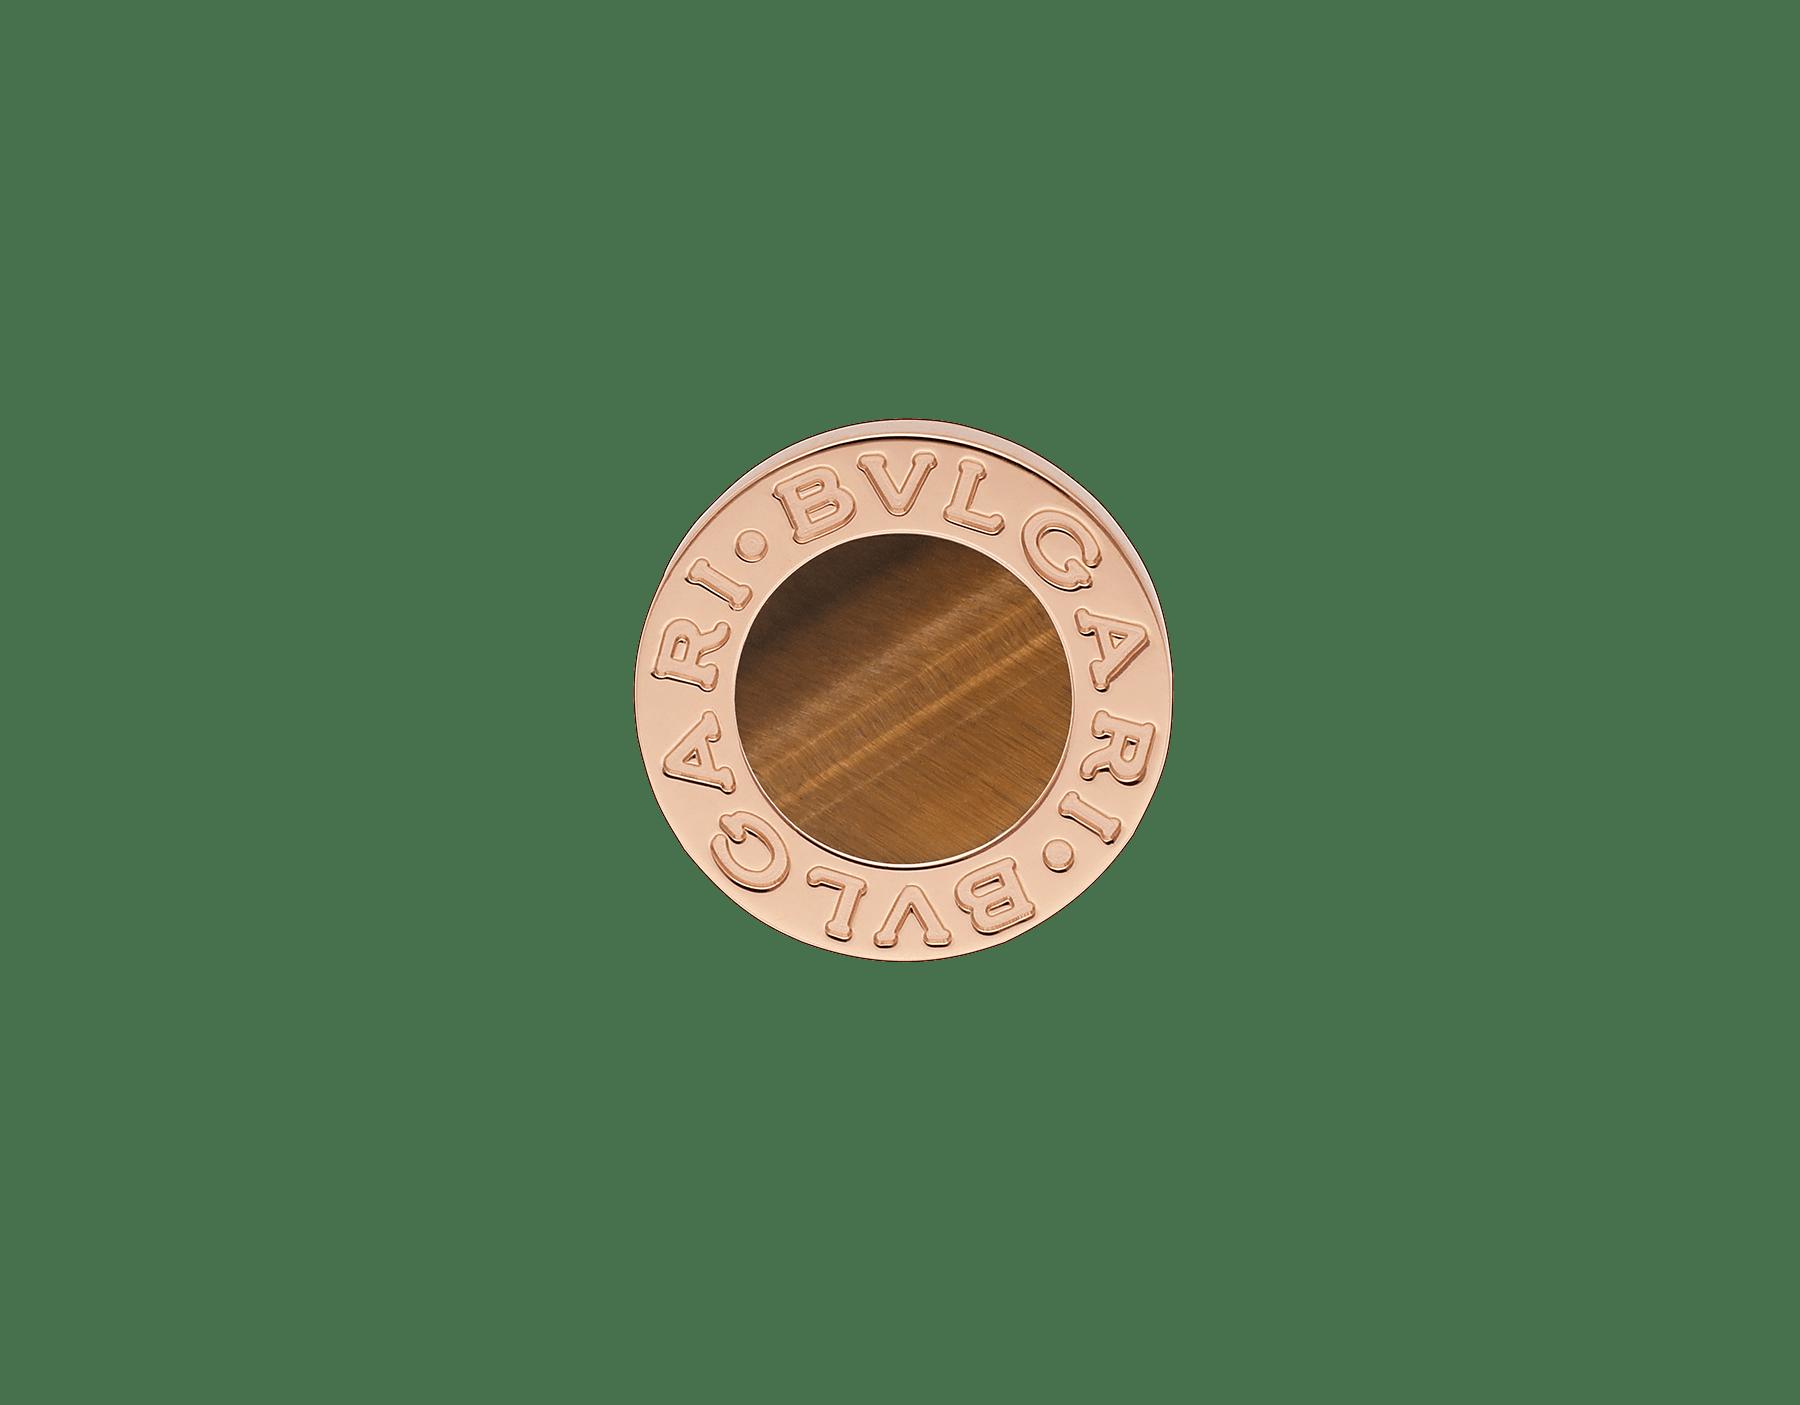 Boucle d'oreille unitaire BVLGARI BVLGARI en or rose 18K sertie d'un élément en œil-de-tigre 356364 image 1